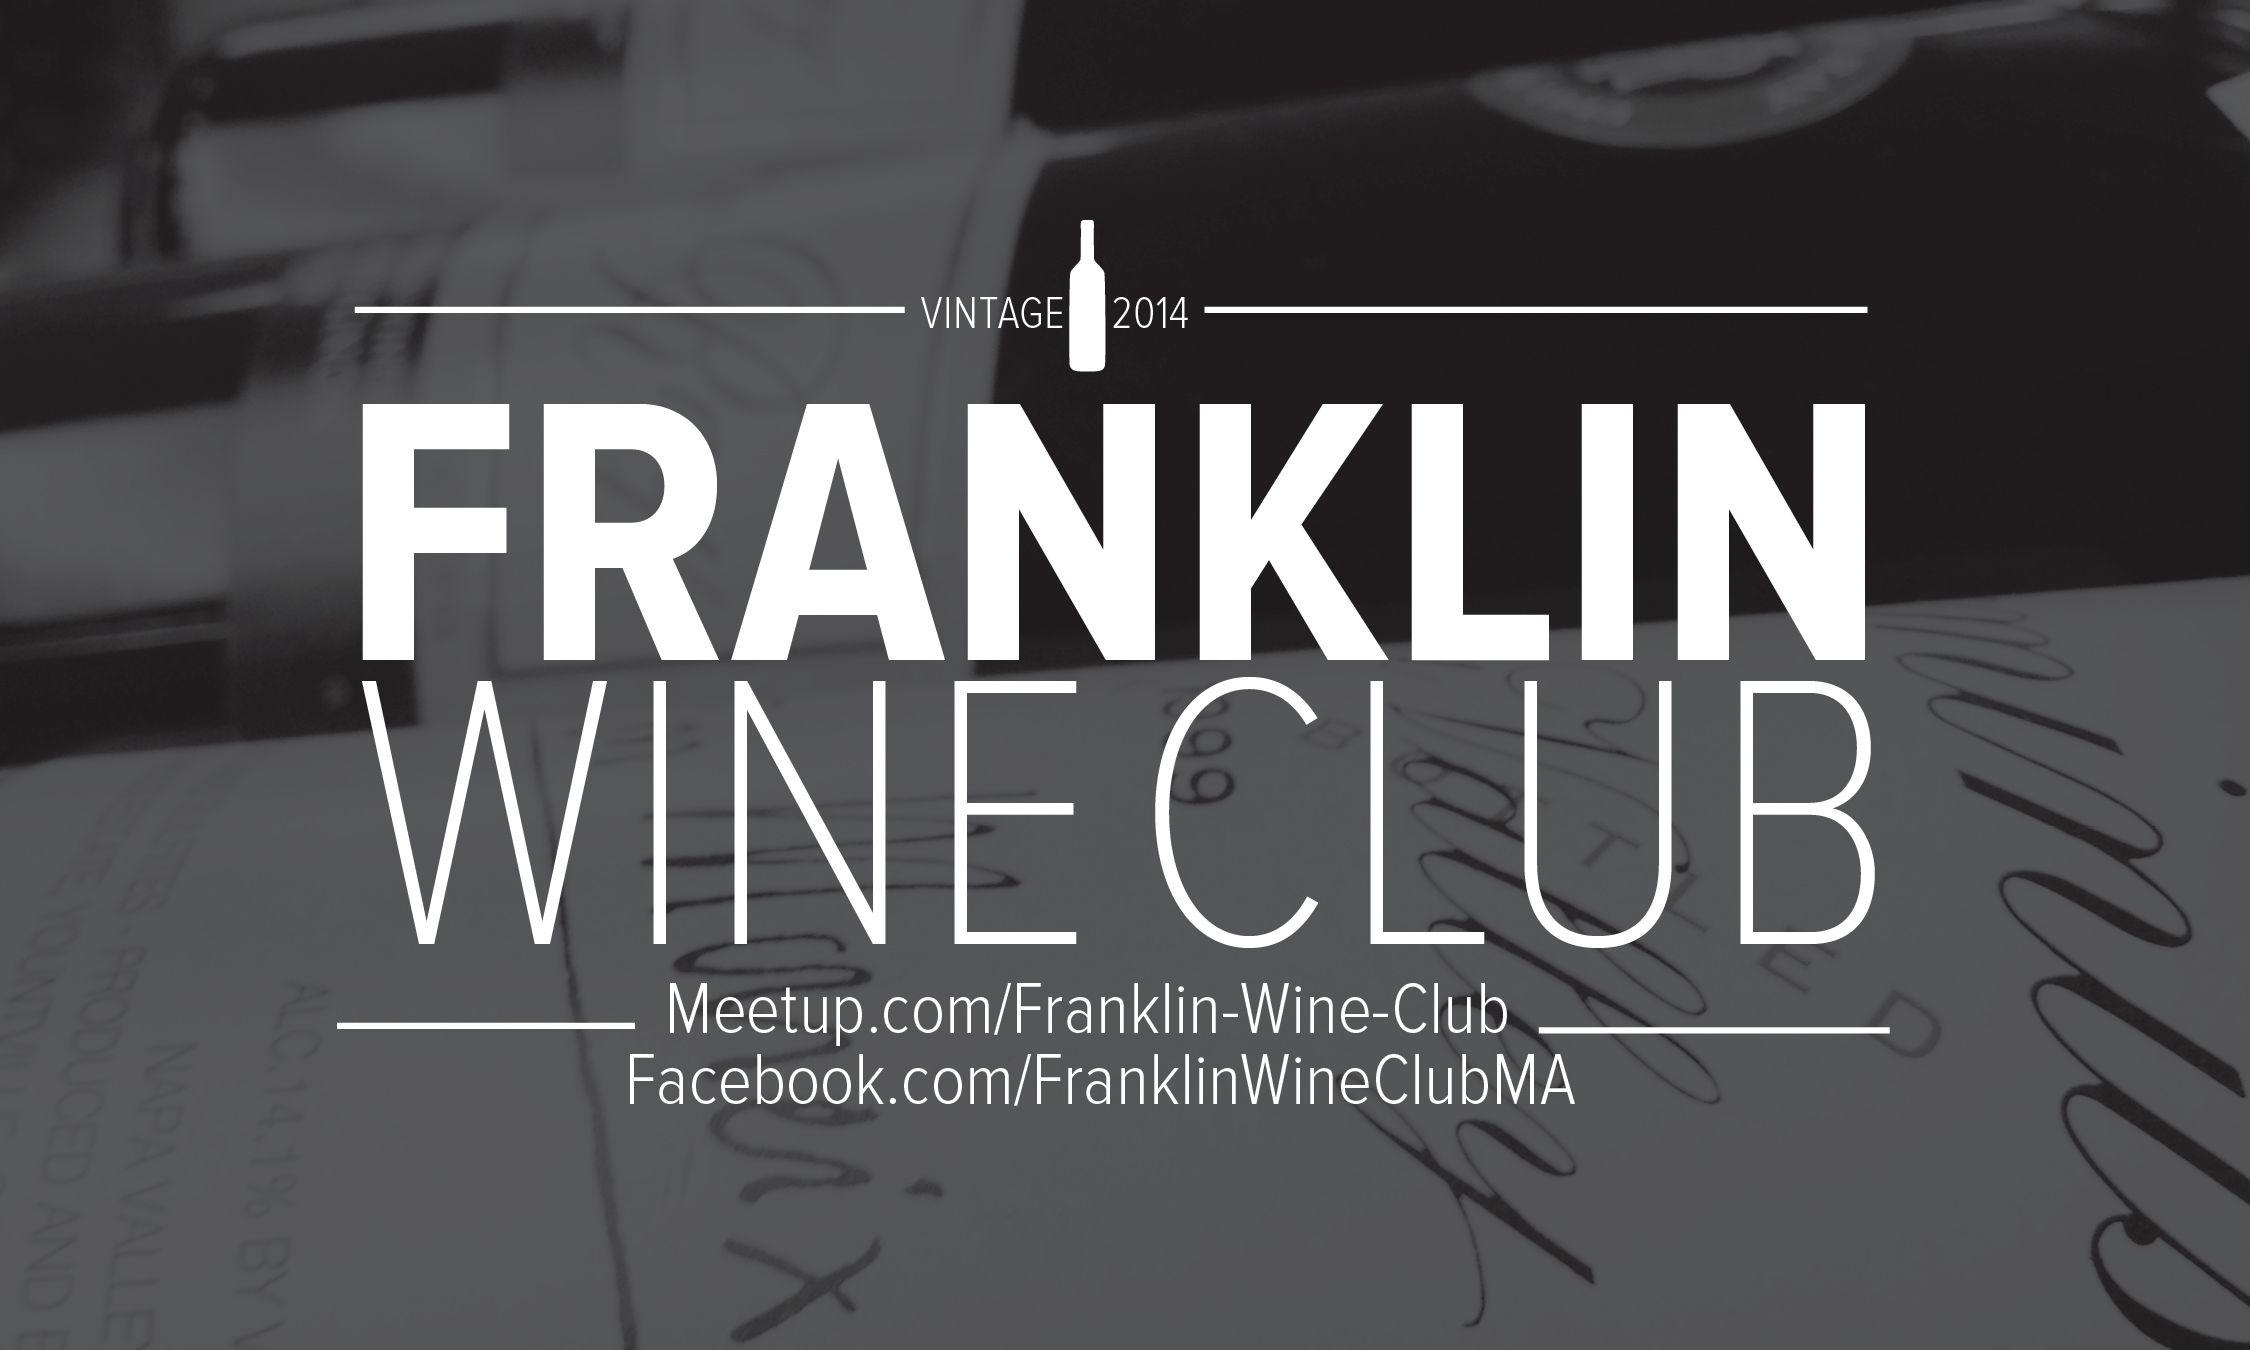 Franklin Wine Club